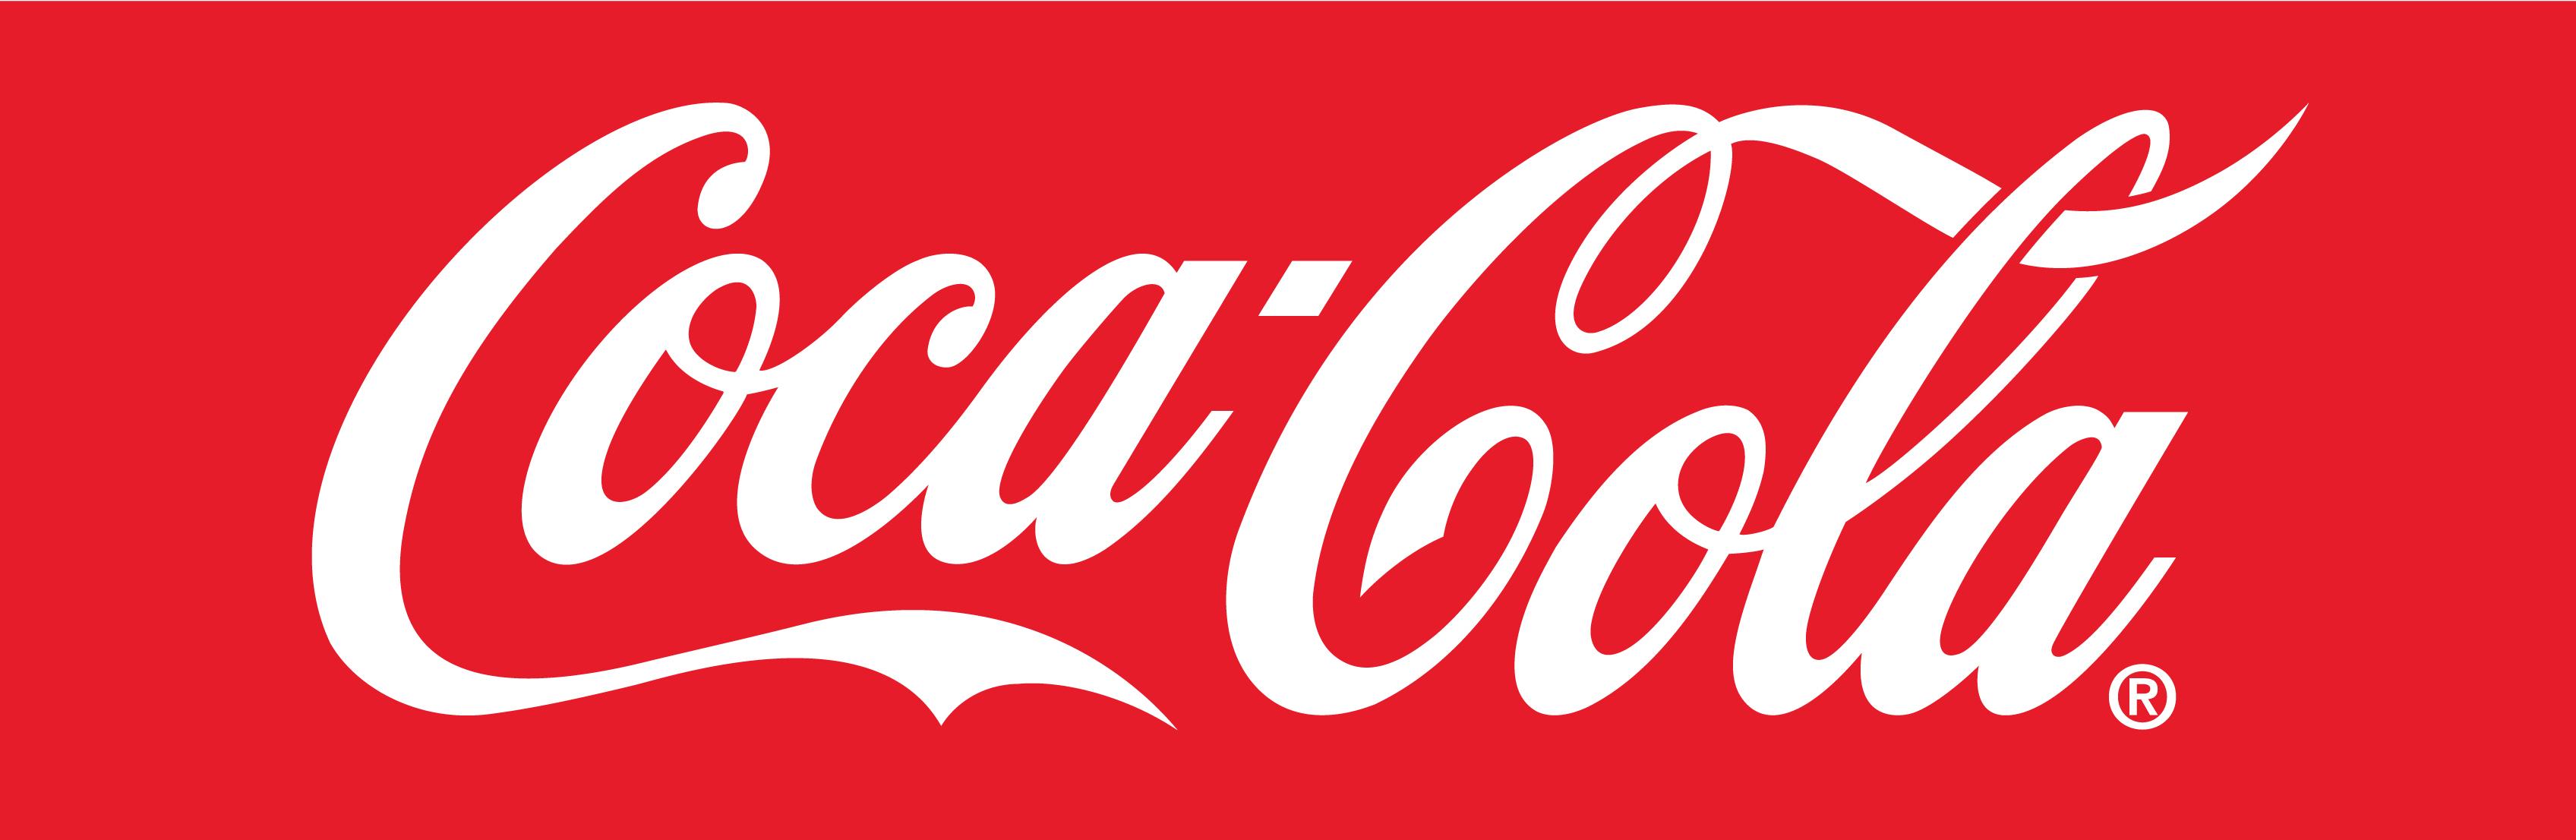 """cocacola_cropped """"width ="""" 729 """"height ="""" 238 """"srcset ="""" https://blogging-techies.com/wp-content/uploads/2020/04/1587781220_586_Como-el-color-afecta-a-las-marcas-los-anuncios-graficos.jpg 3392w, https://www.disruptivestatic.com/ wp-content / uploads / 2015/07 / cocacola_cropped-300x98.jpg 300w, https://www.disruptivestatic.com/wp-content/uploads/2015/07/cocacola_cropped-1500x489.jpg 1500w """"tamaños ="""" (max- ancho: 729px) 100vw, 729px """"></p> <h3>naranja</h3> <p>Orange es probablemente su mejor opción si desea transmitir un mensaje de urgencia. Cuando pienso en naranja, pienso en conos de tráfico y luces de advertencia, cosas a las que debes prestar atención. ¡No es de extrañar que tantos botones de llamada a la acción sean de color naranja!</p><div class='code-block code-block-4' style='margin: 8px auto; text-align: center; display: block; clear: both;'> <div data-ad="""